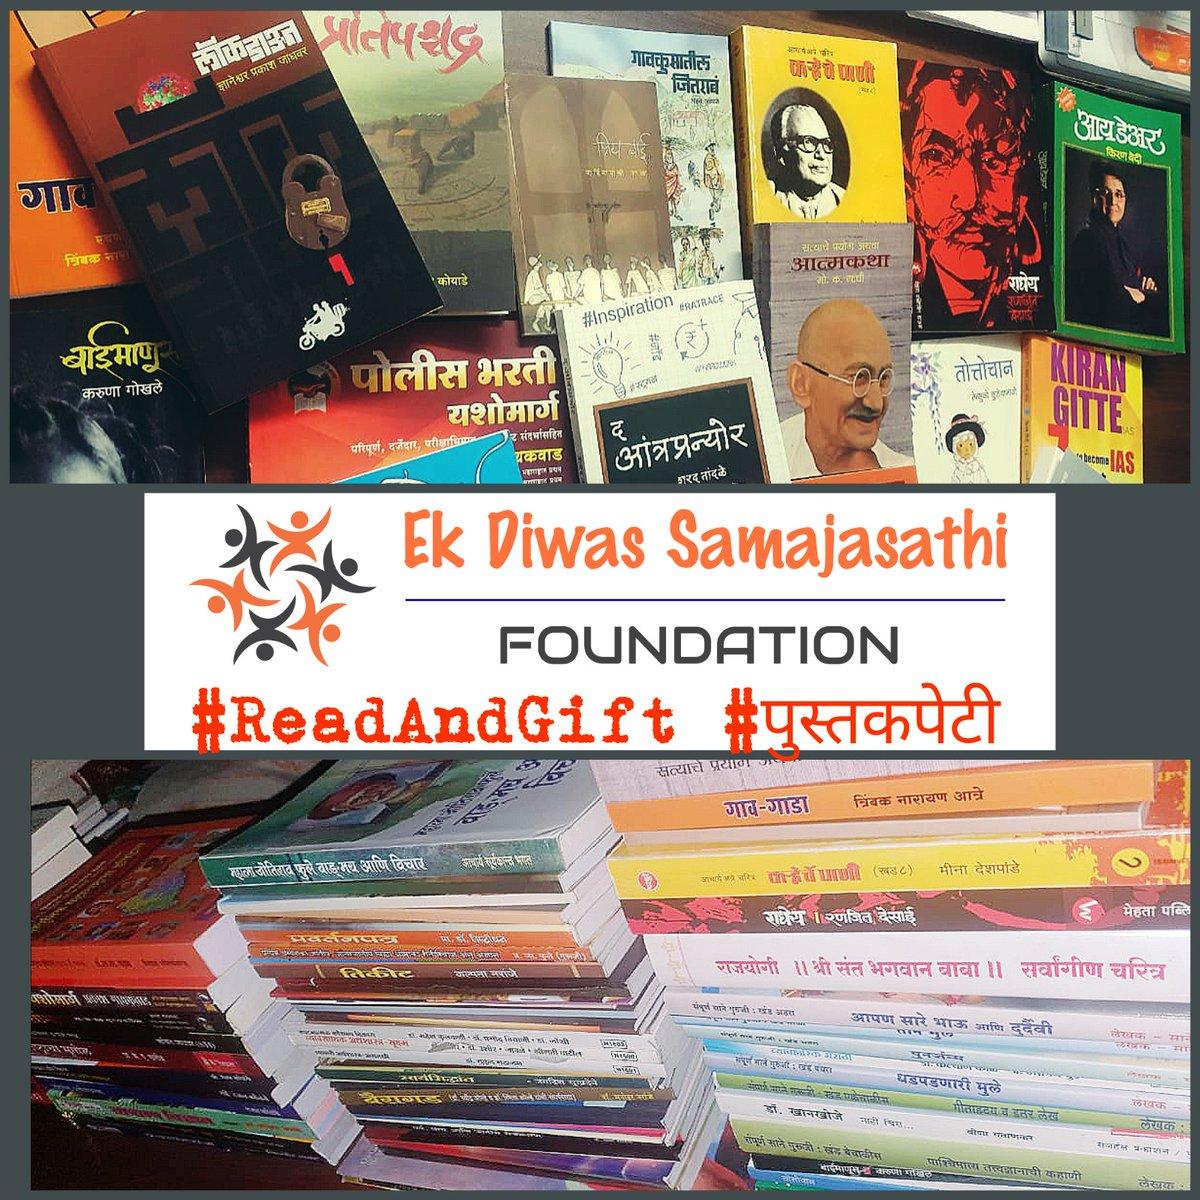 बावन्न वी #पुस्तकपेटी तयार.  पुस्तके वाचा आणि वाचायला द्या..  चला गावागावात #वाचनालय उभारू या...  #म #मराठी #वाचनसंस्कृती  #ReadAndGift #DonateBooks #EDSFoundation